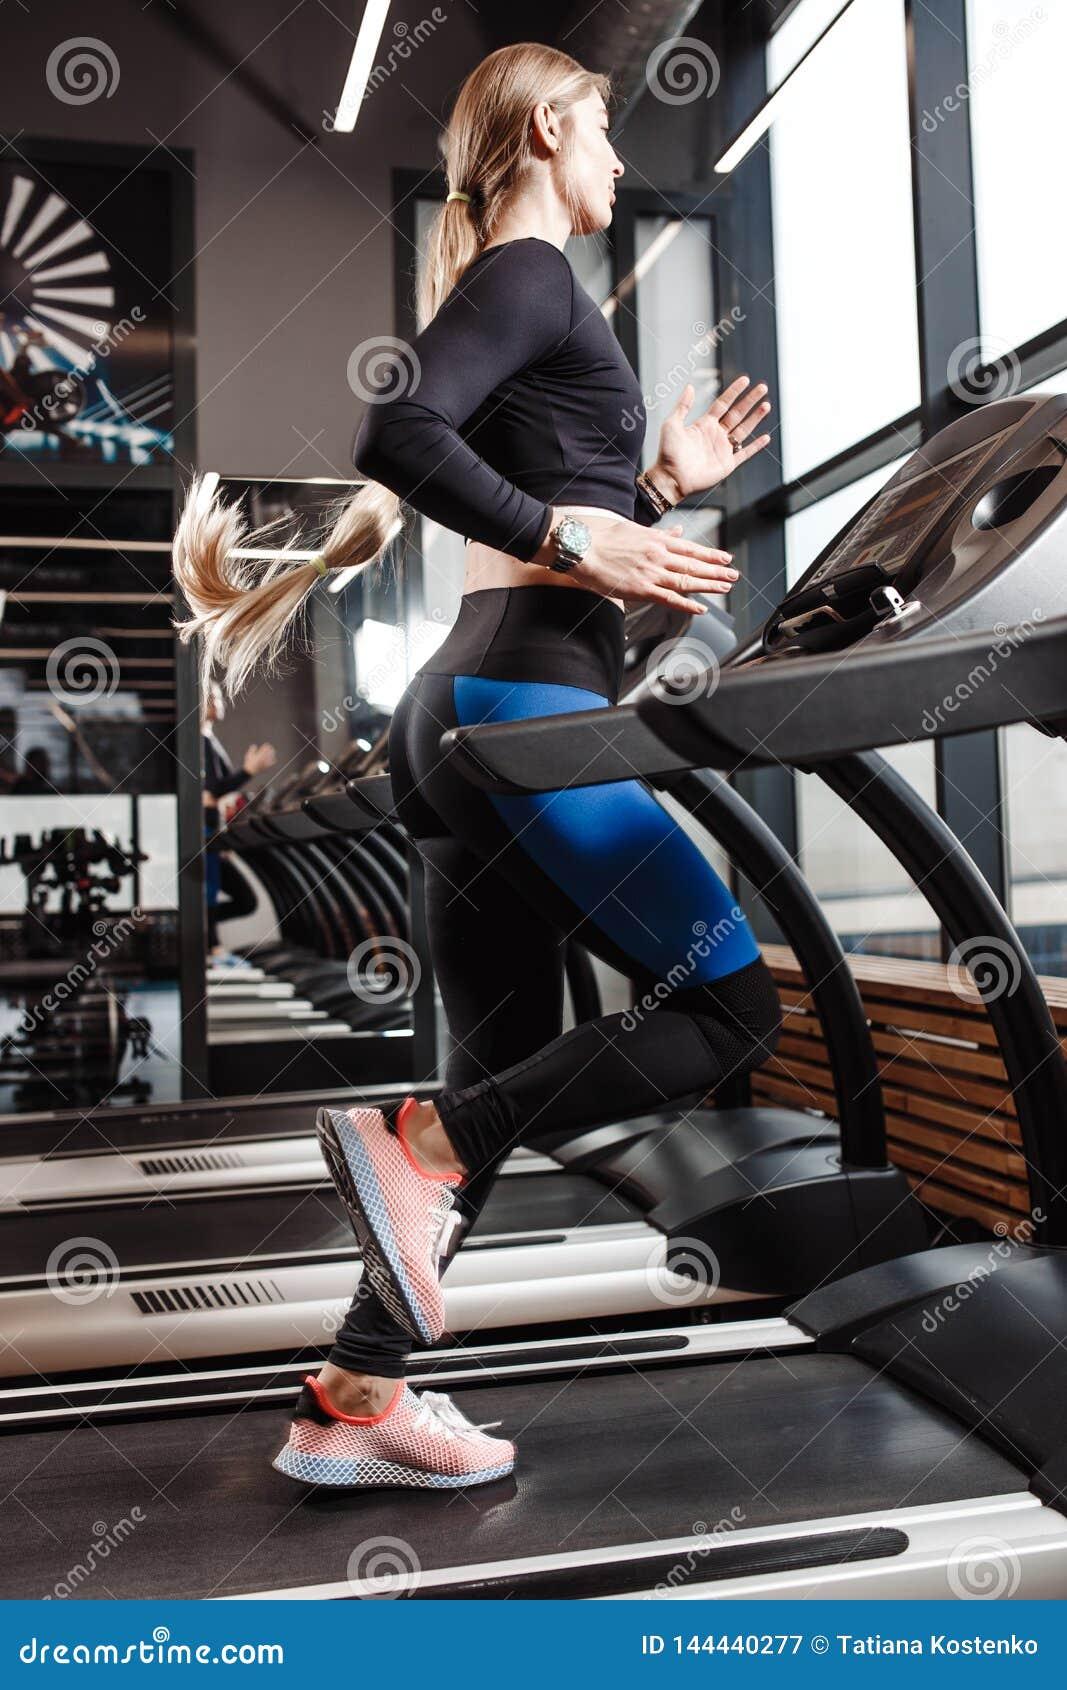 Атлетическая девушка с длинными светлыми волосами одетыми в sportswear бежит на третбане перед окнами внутри